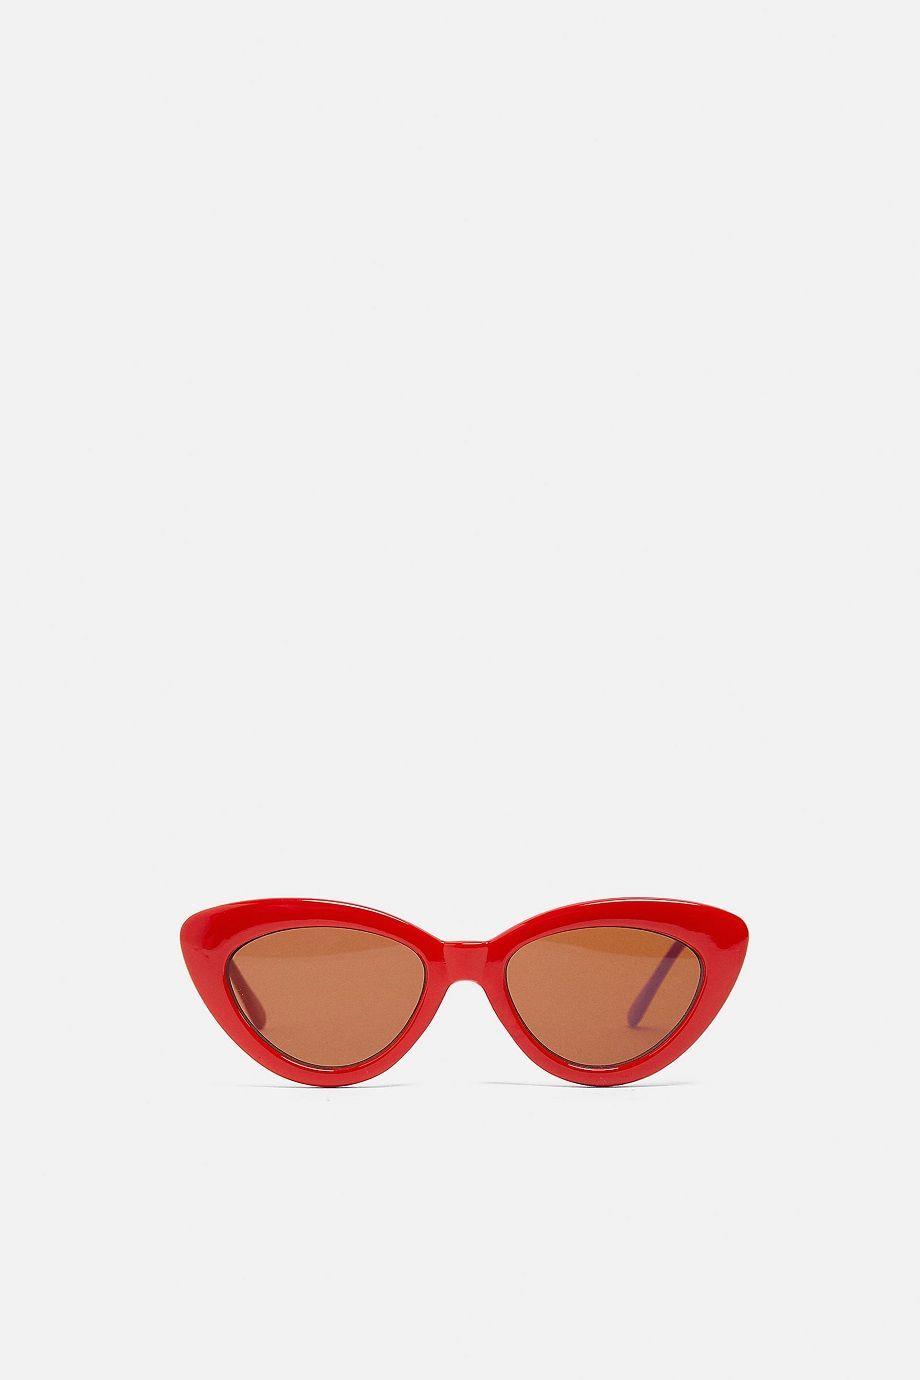 7 Kacamata Colorful untuk Dibawa Berlibur Musim Panas